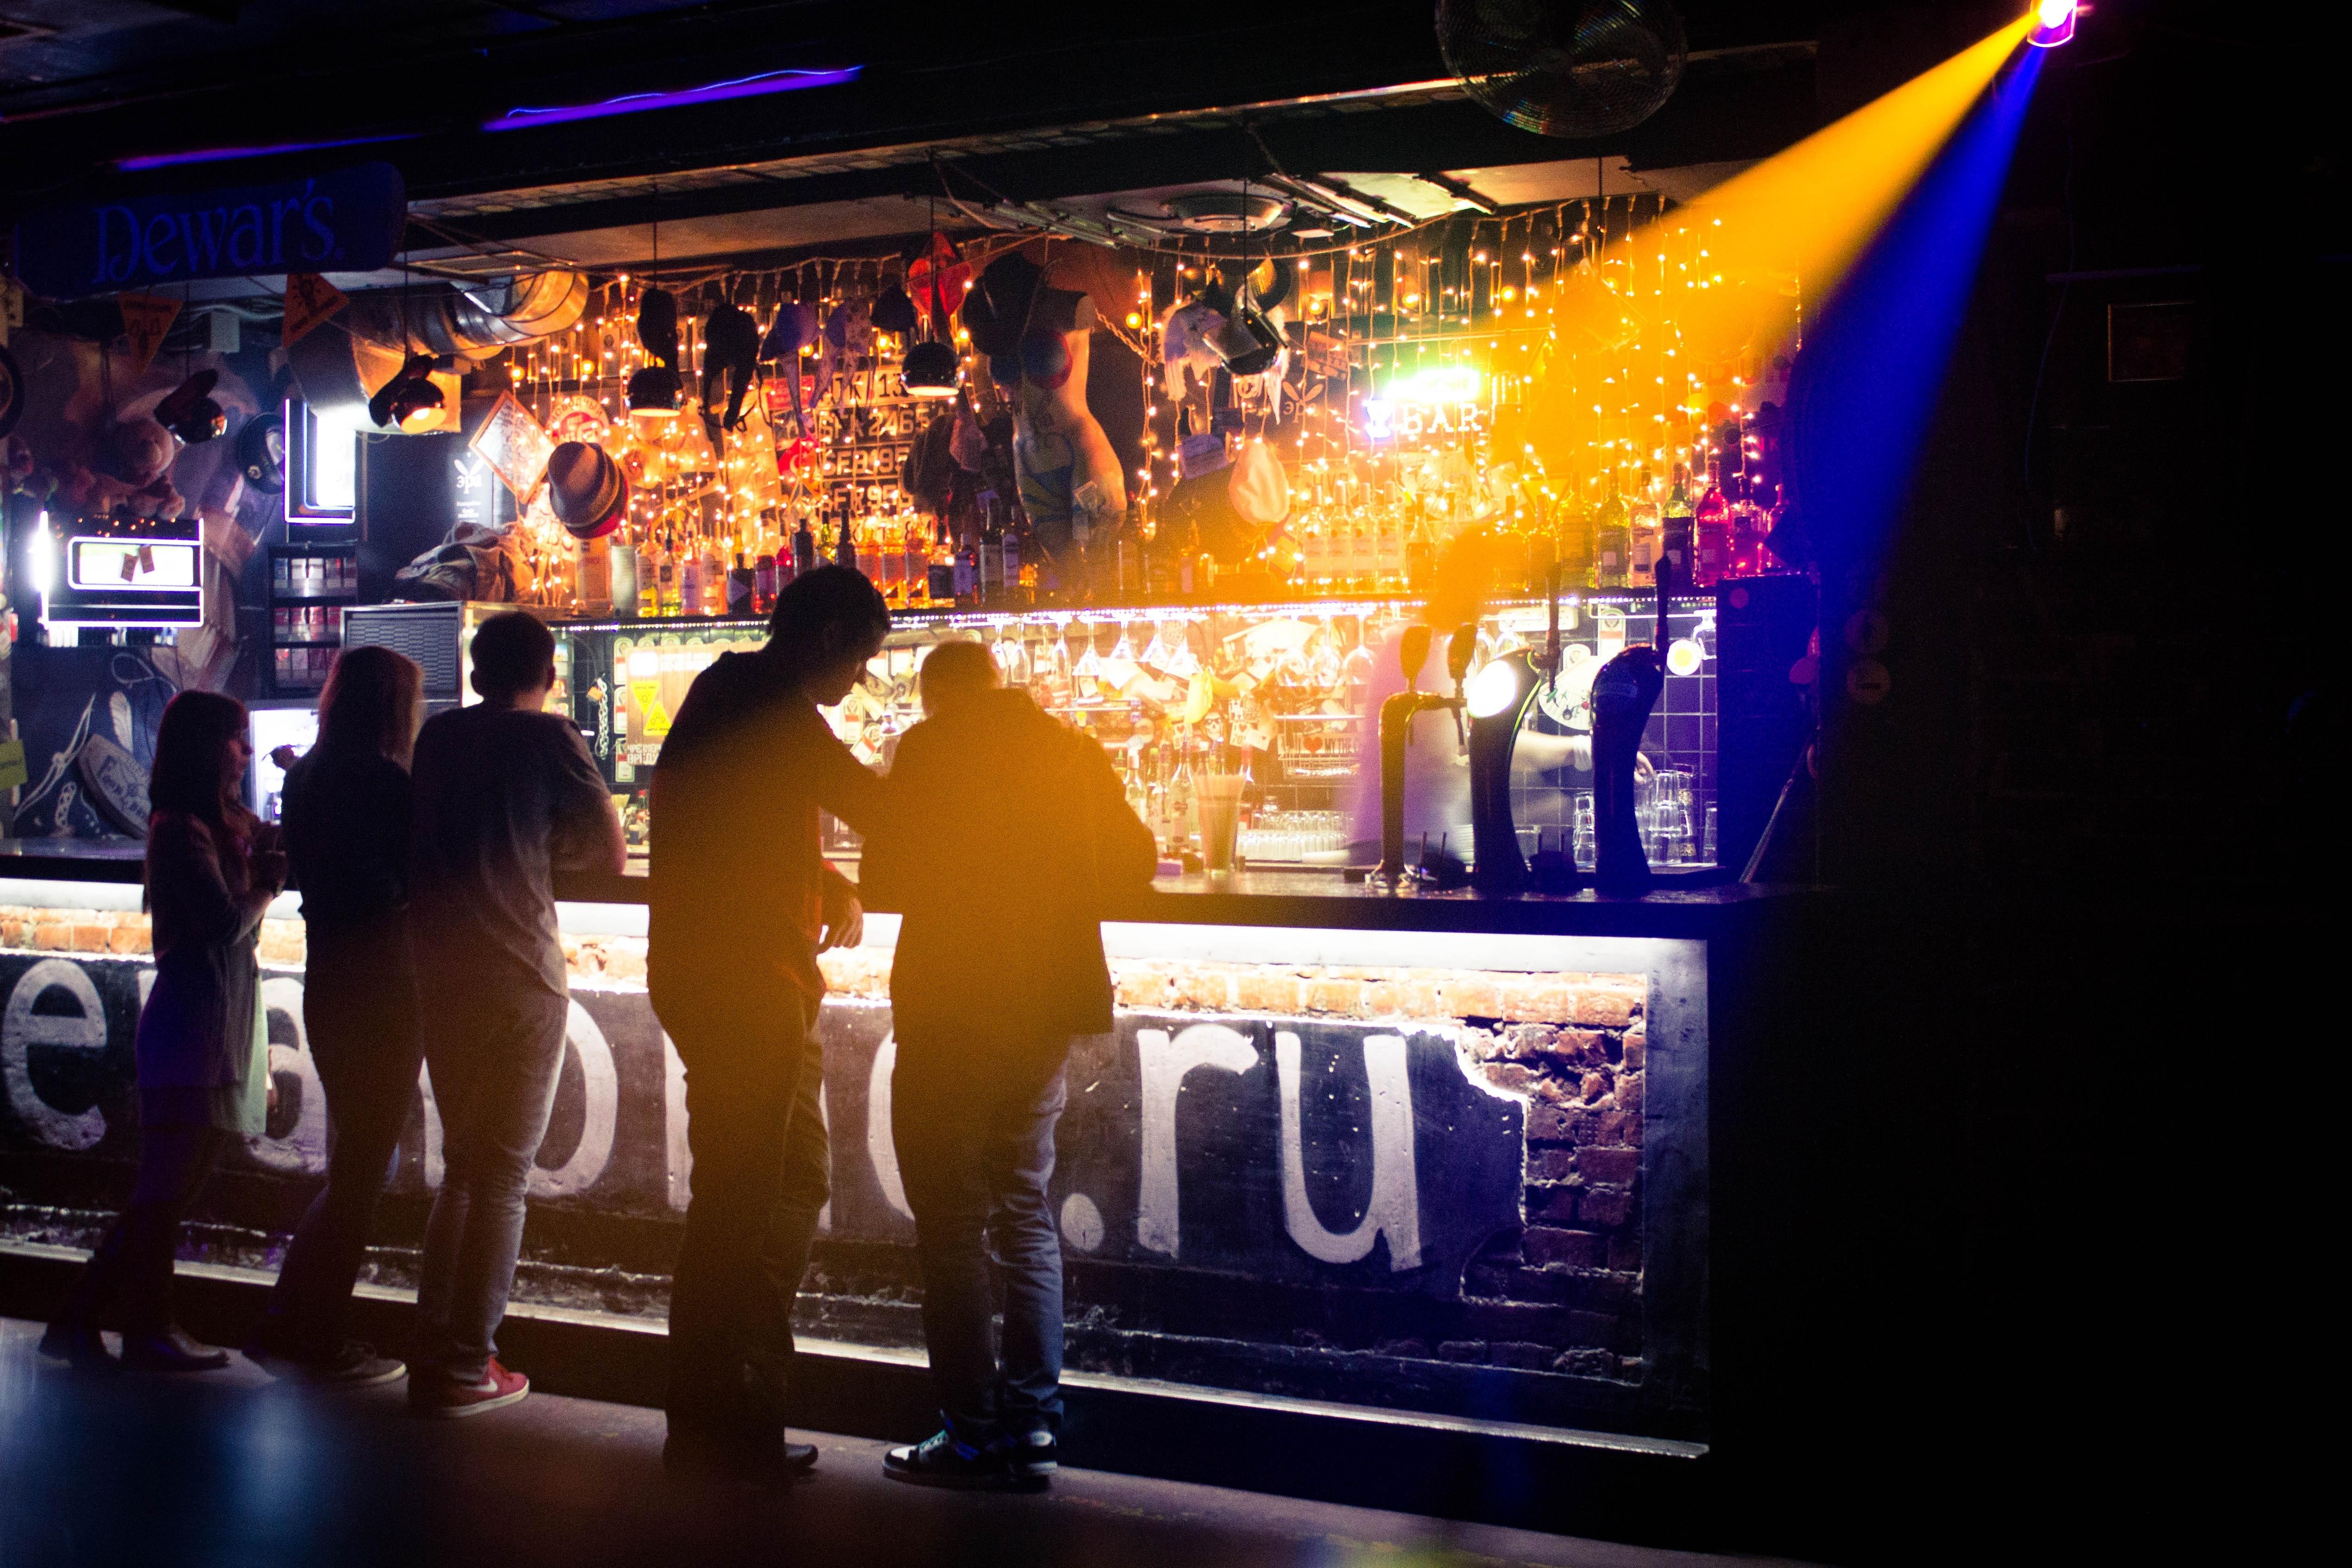 bar-club-nightlife-274179